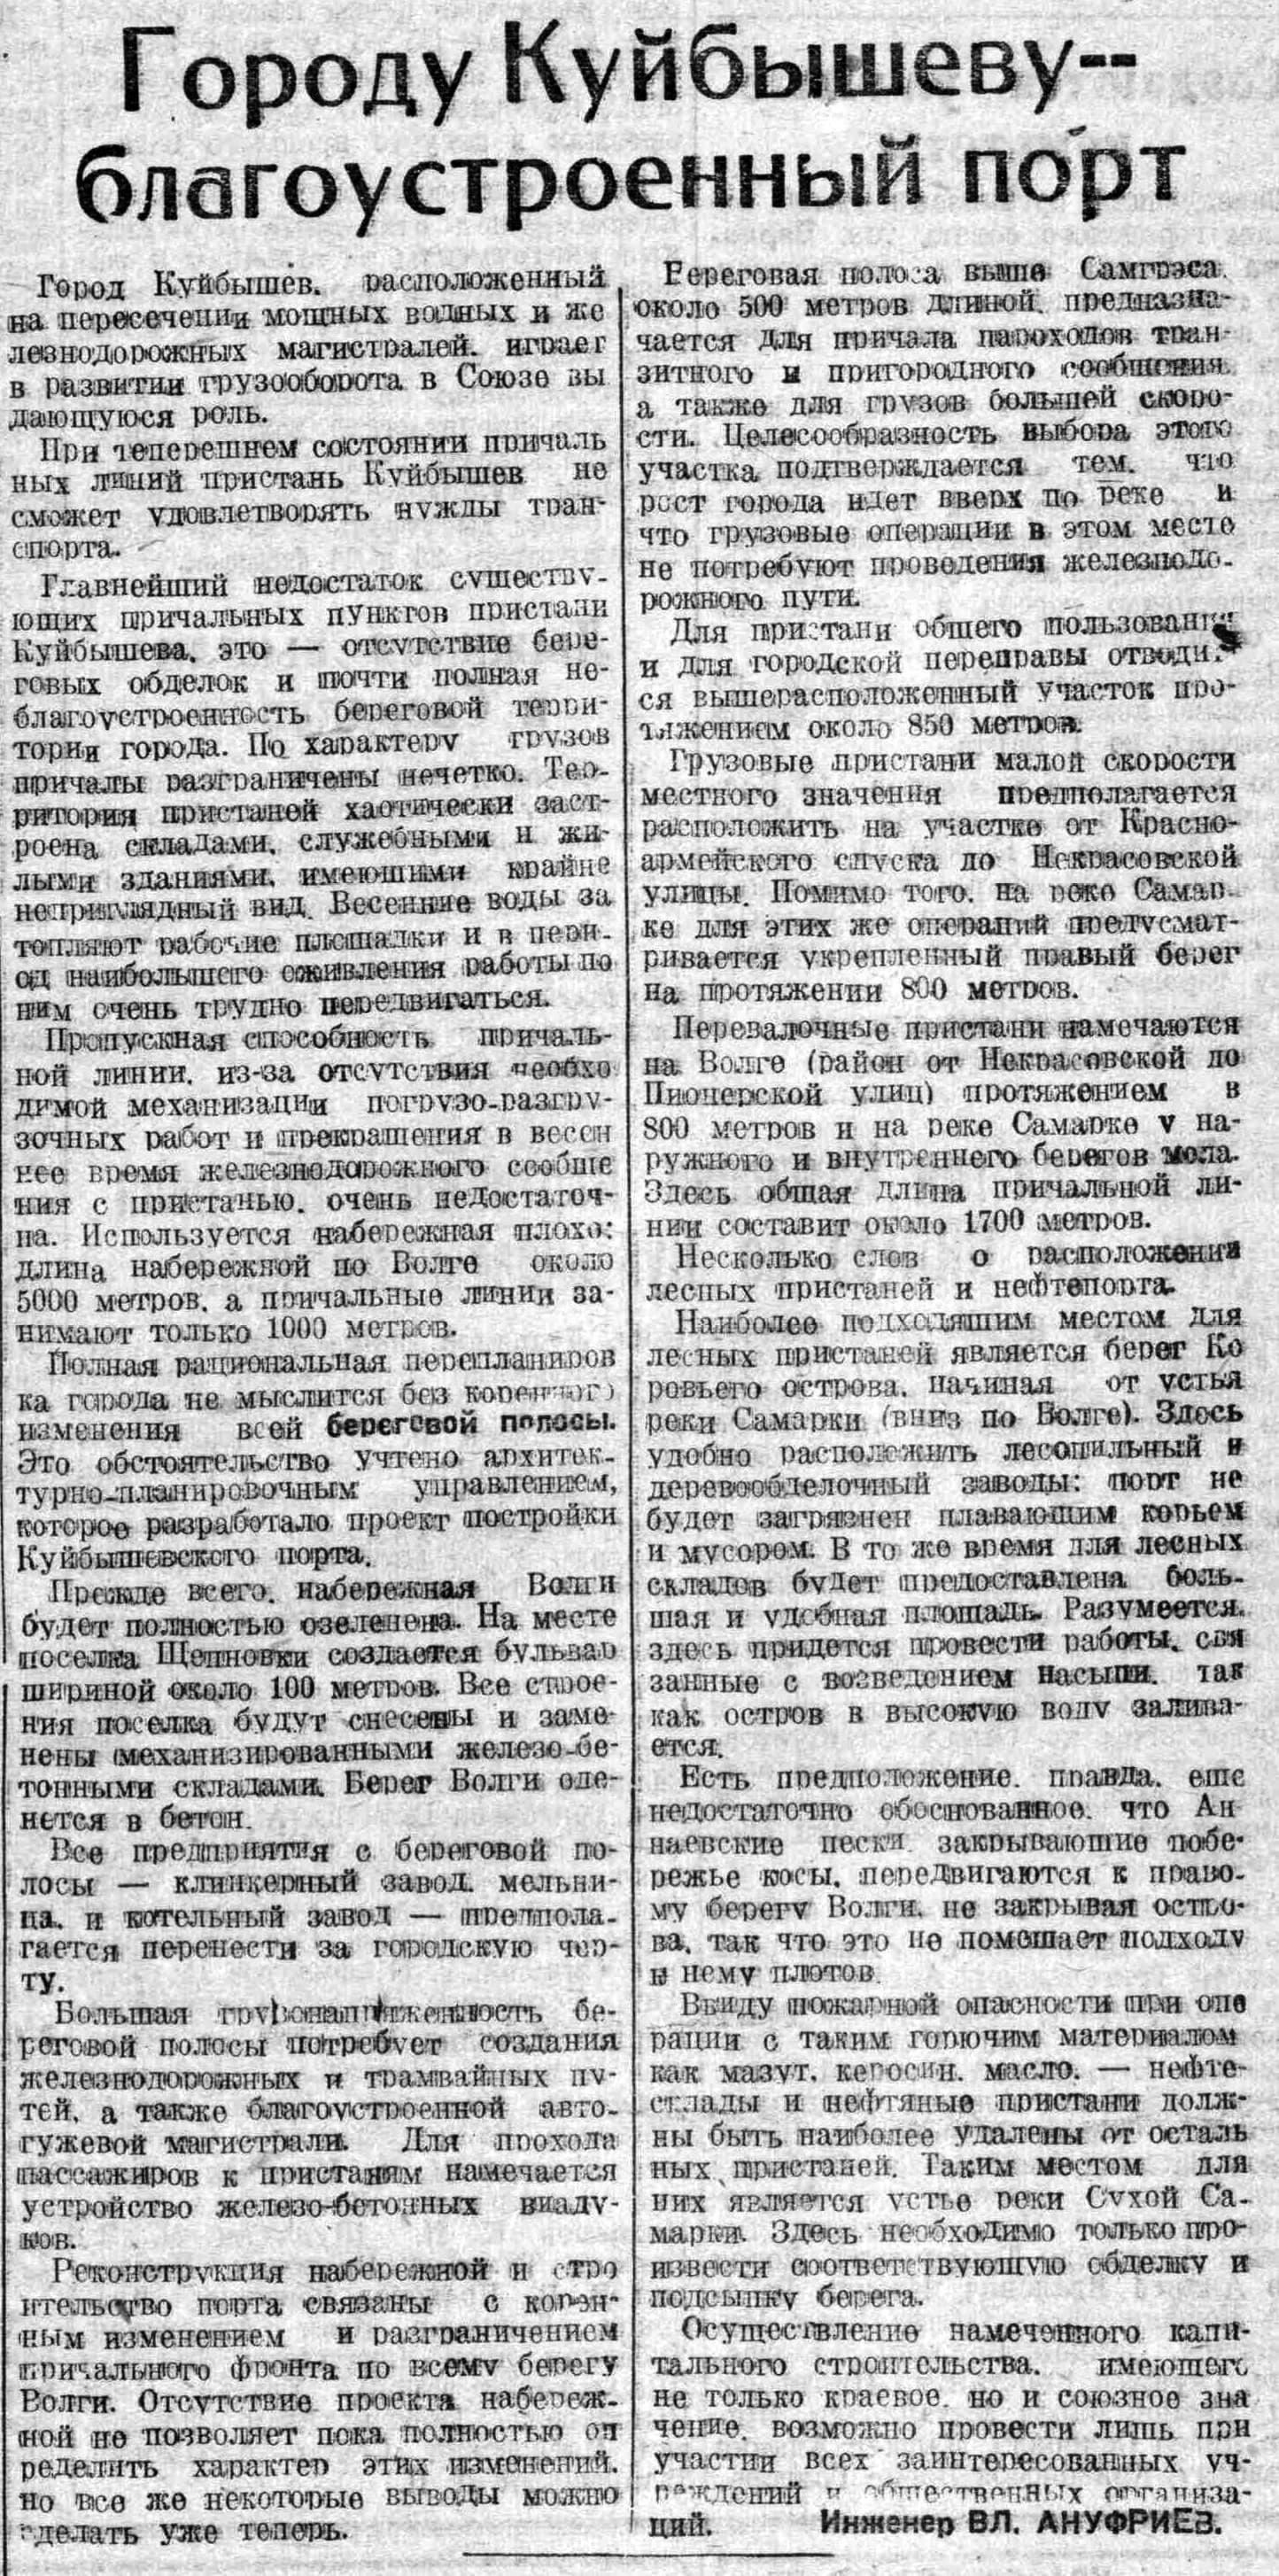 Стрелка реки Самары-ФОТО-08-ВКа-1935-02-21-о благоустр. порта-min